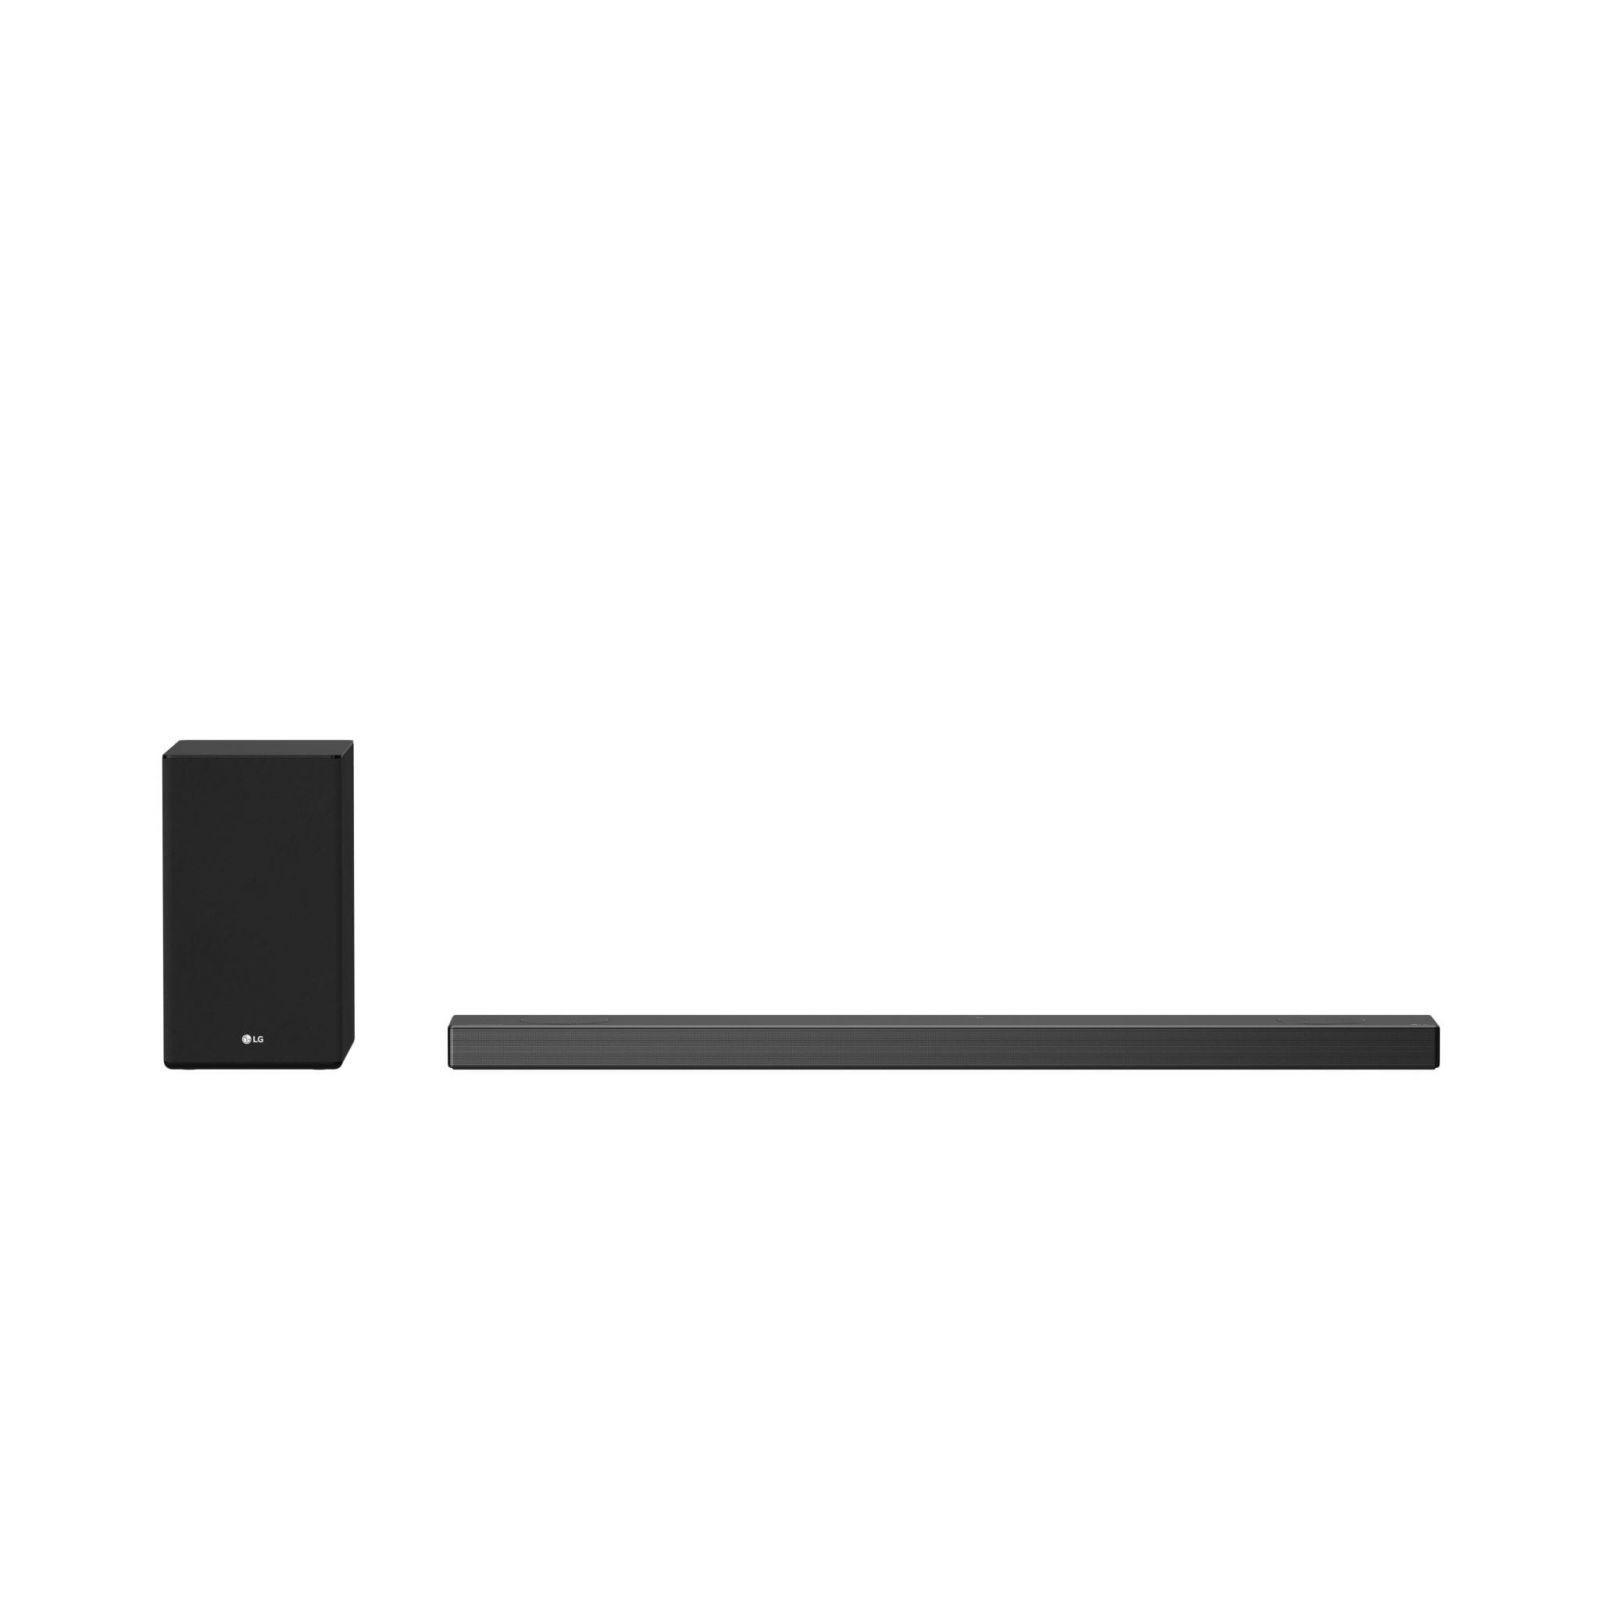 LG готовит к выпуску линейку саундбаров с премиальным качеством звучания (sn9yg scaled)